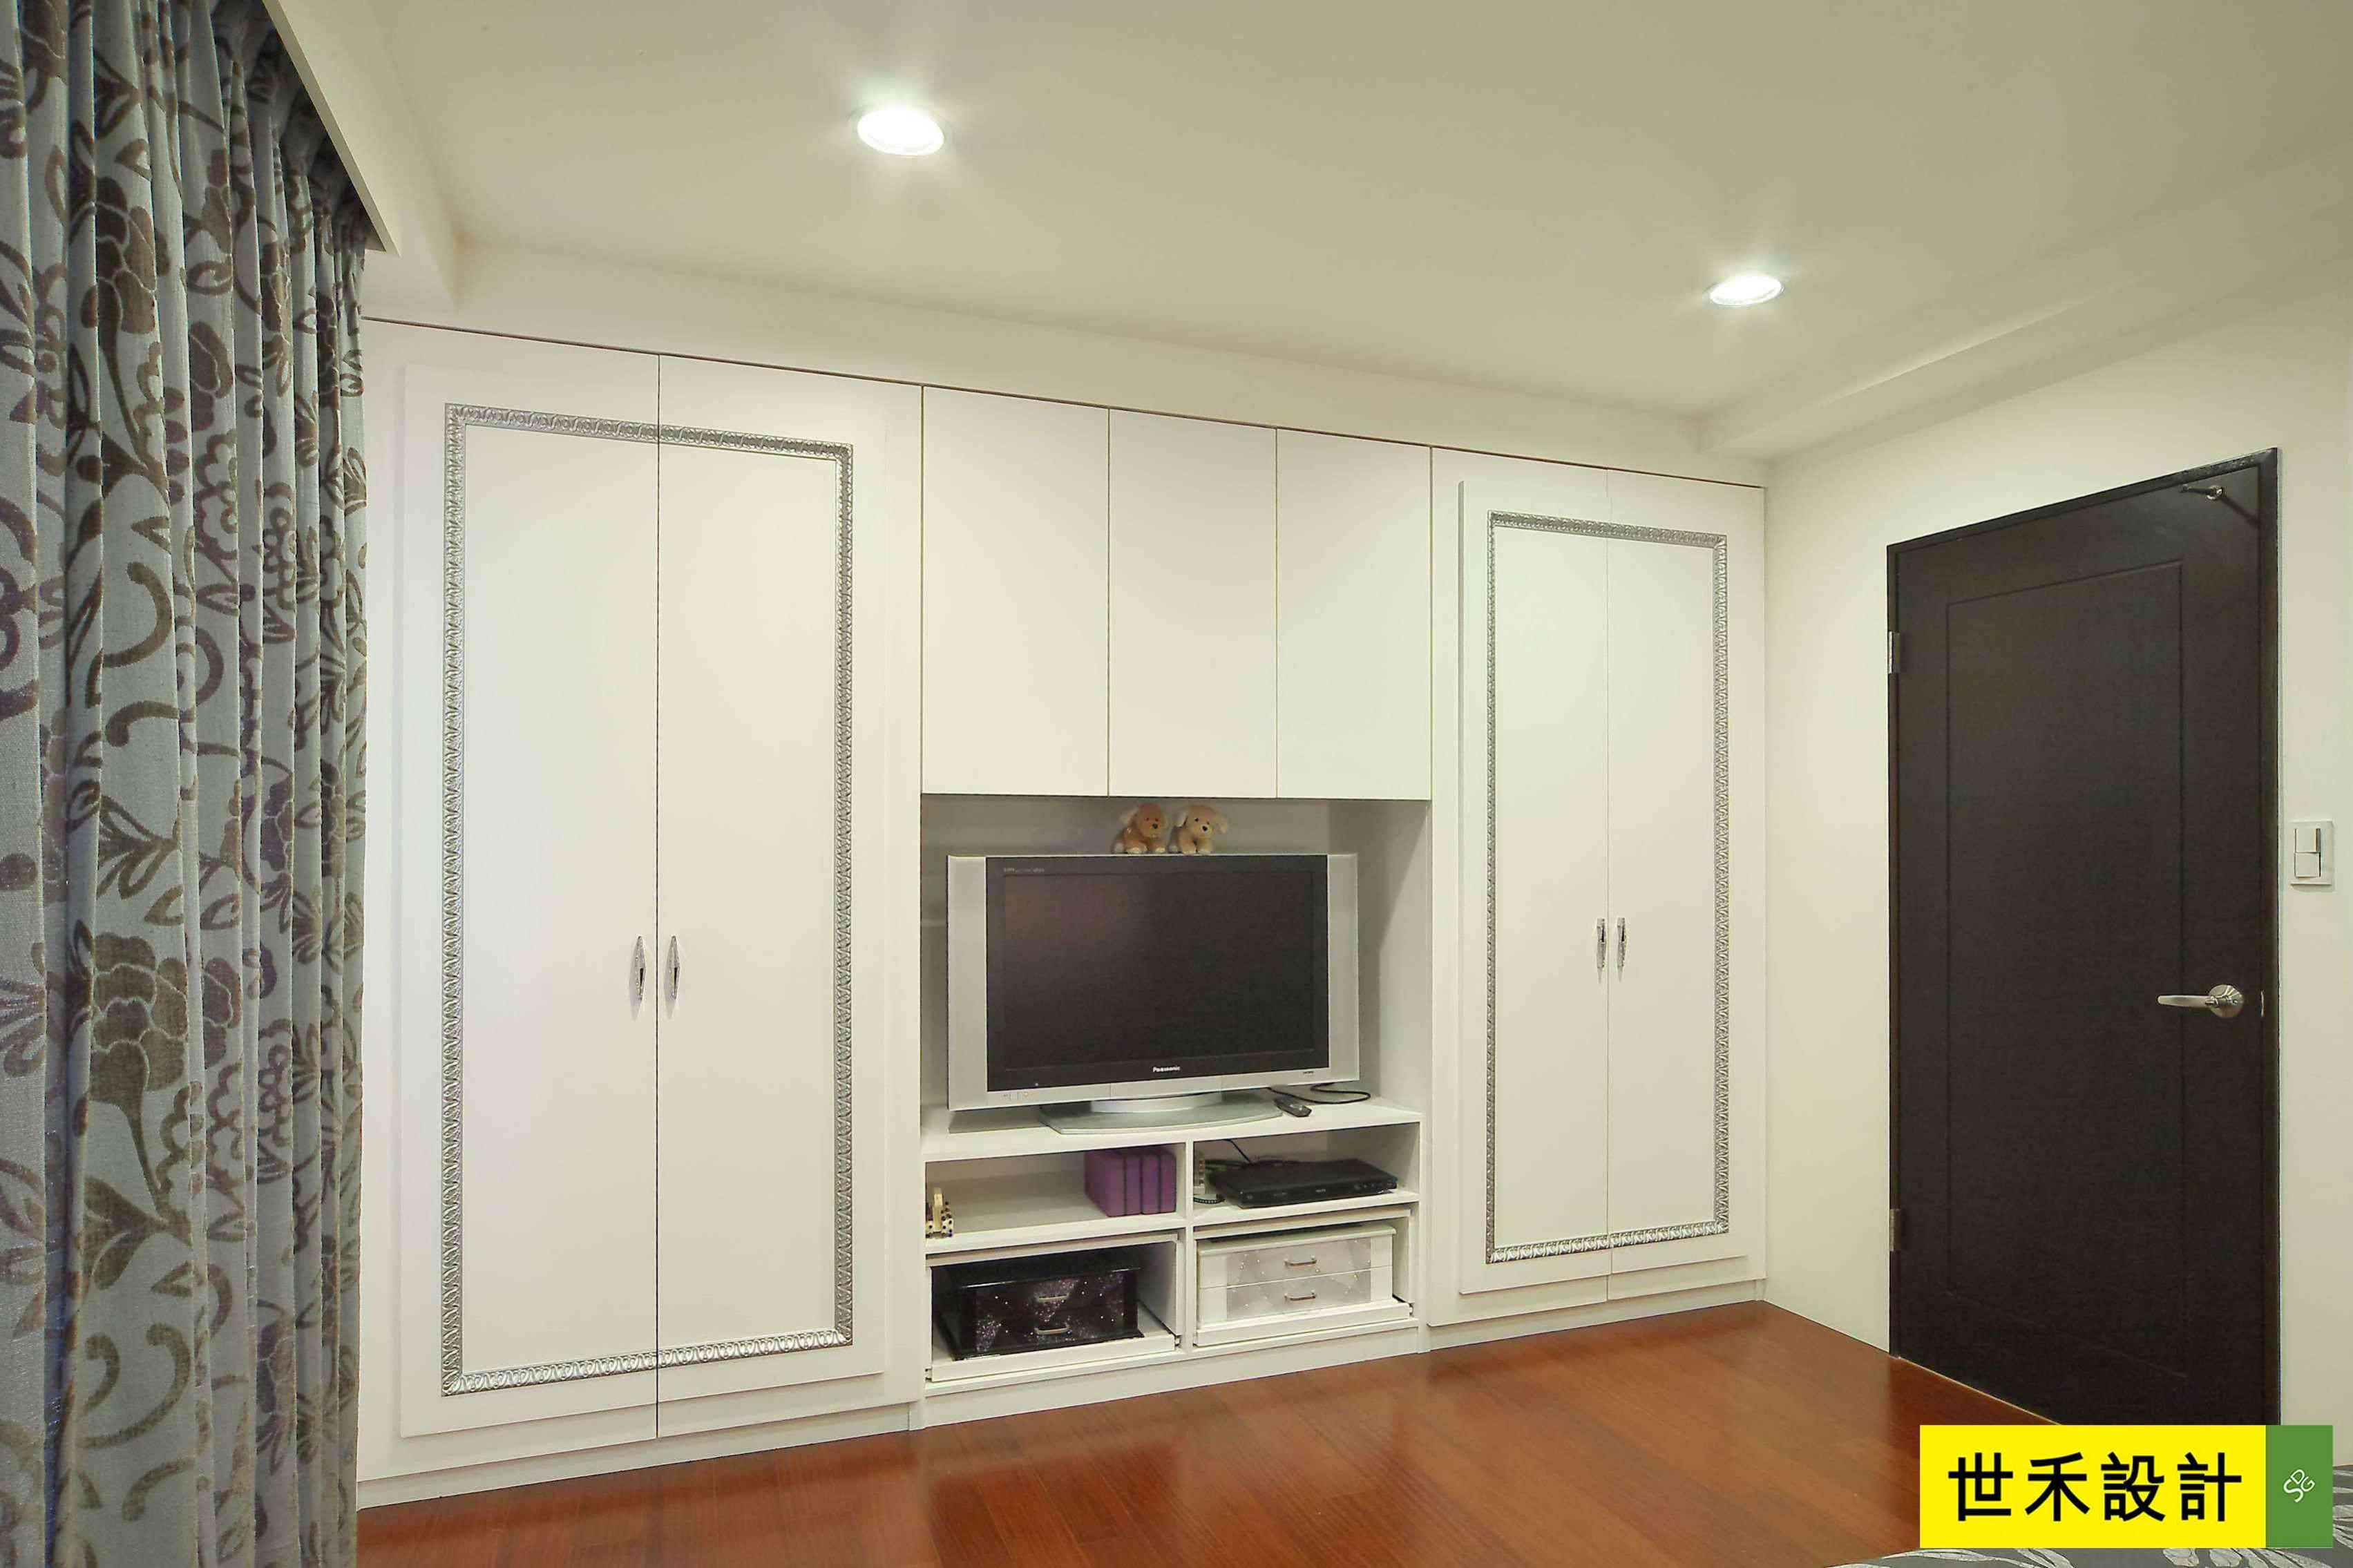 主卧电视墙-以艺术线板滚边表现,让衣柜与电视柜整合一体俐落呈现.